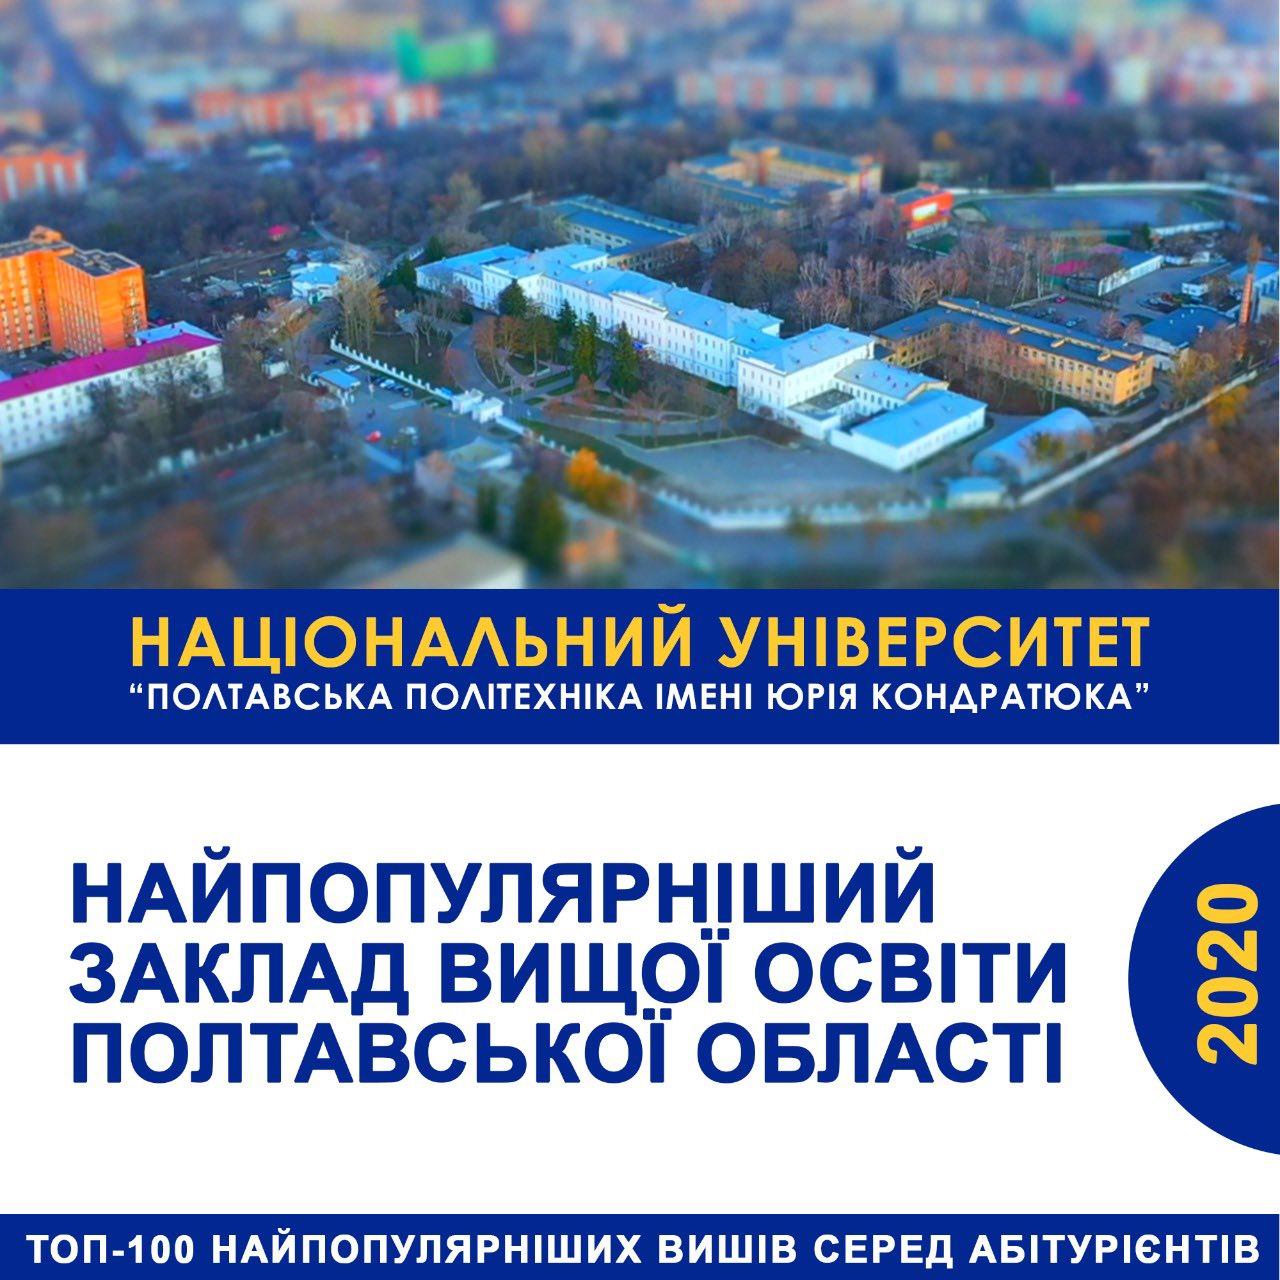 Політехніка стала найпопулярнішим полтавським університетом серед абітурієнтів